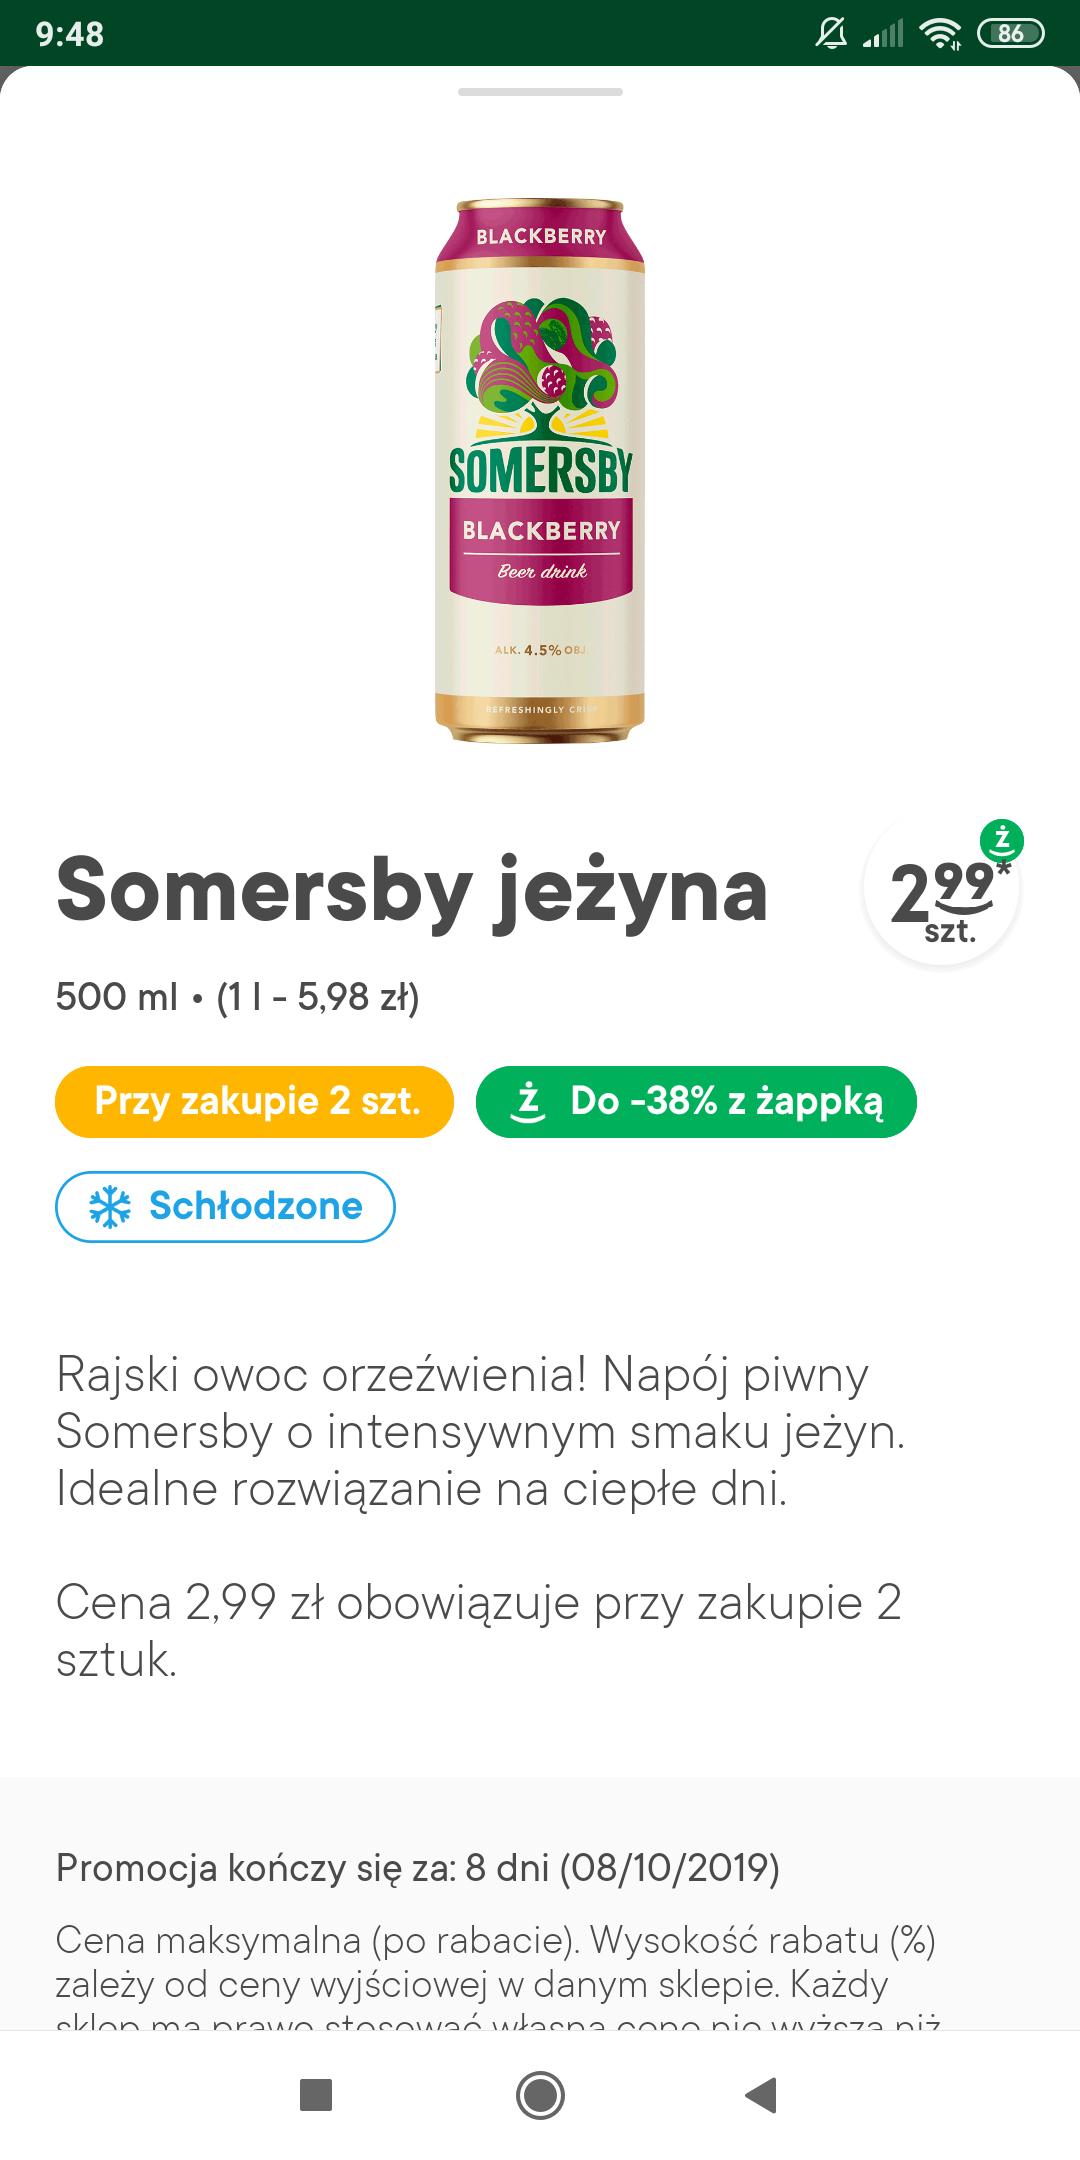 Piwo Somersby w Żabce po 2.99 przy zakupie 2 szt z aplikacją żabki